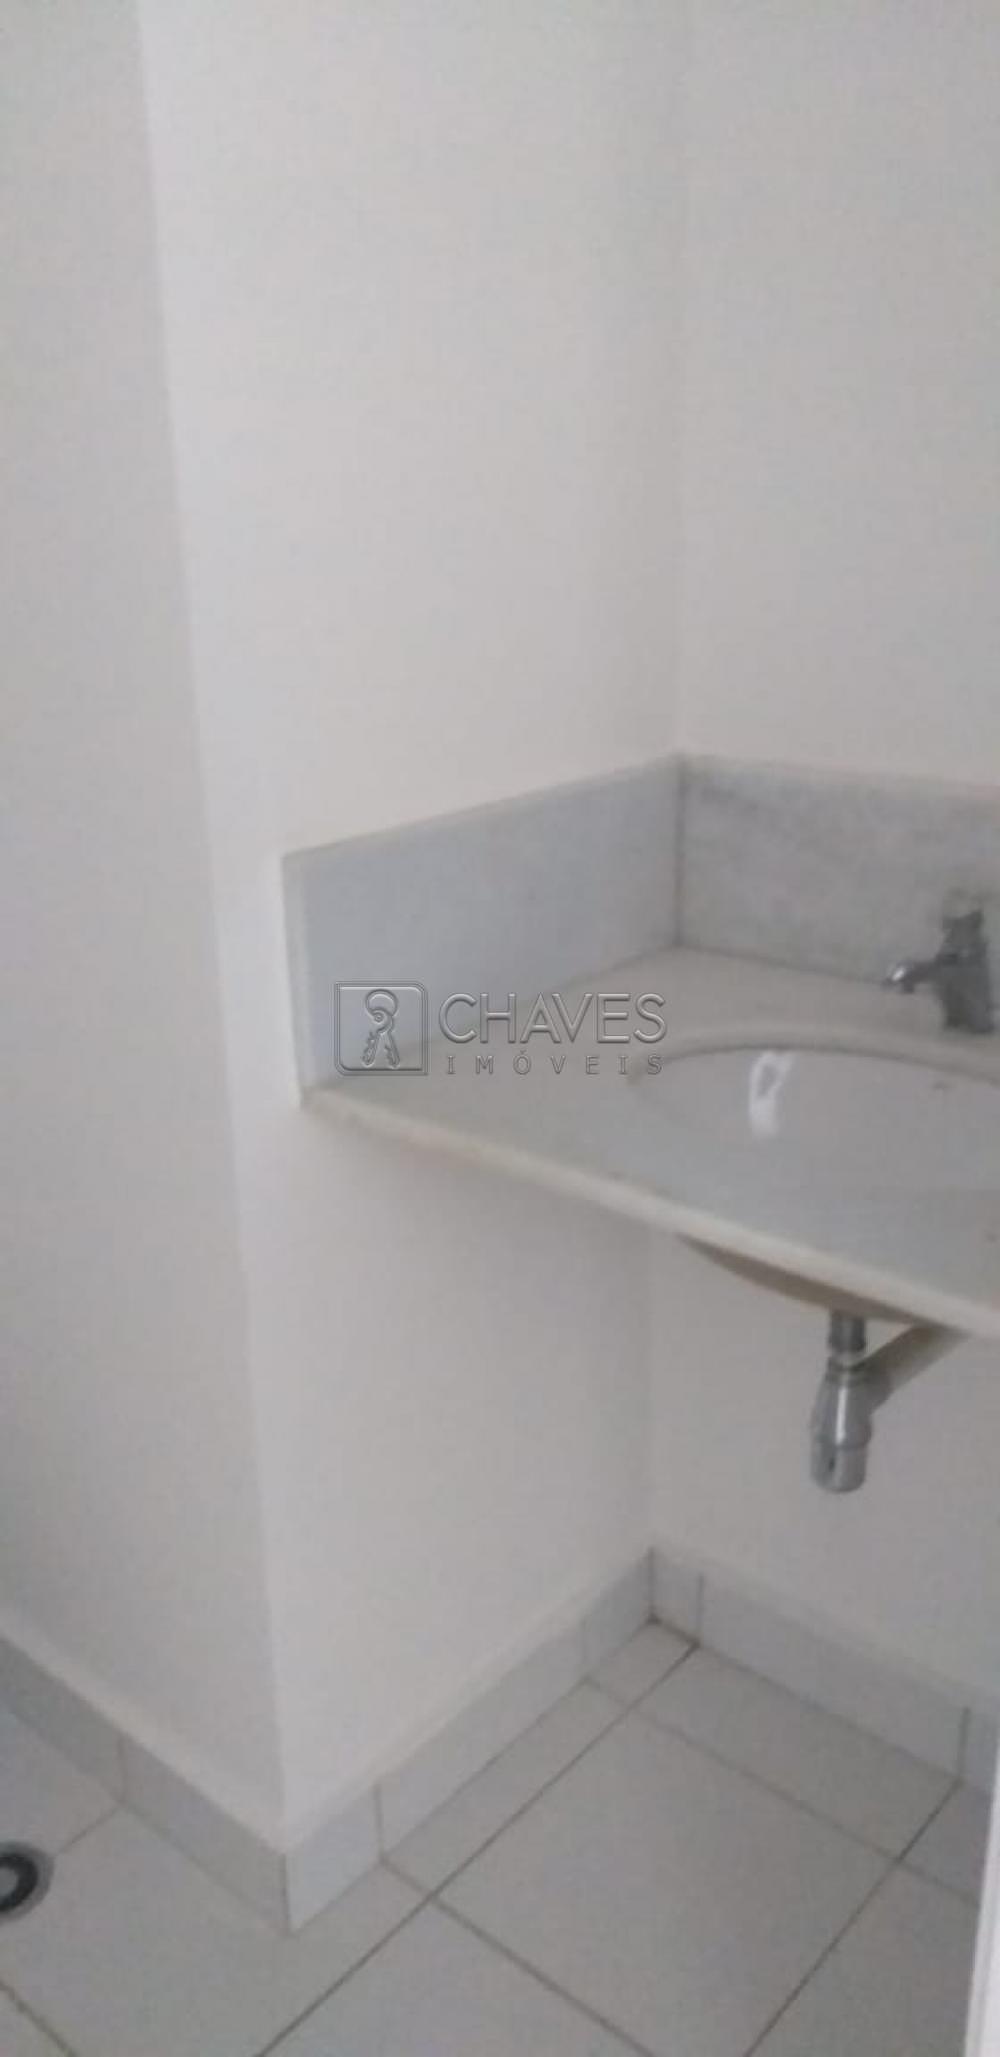 Alugar Comercial / Sala em Condomínio em Ribeirão Preto R$ 900,00 - Foto 4